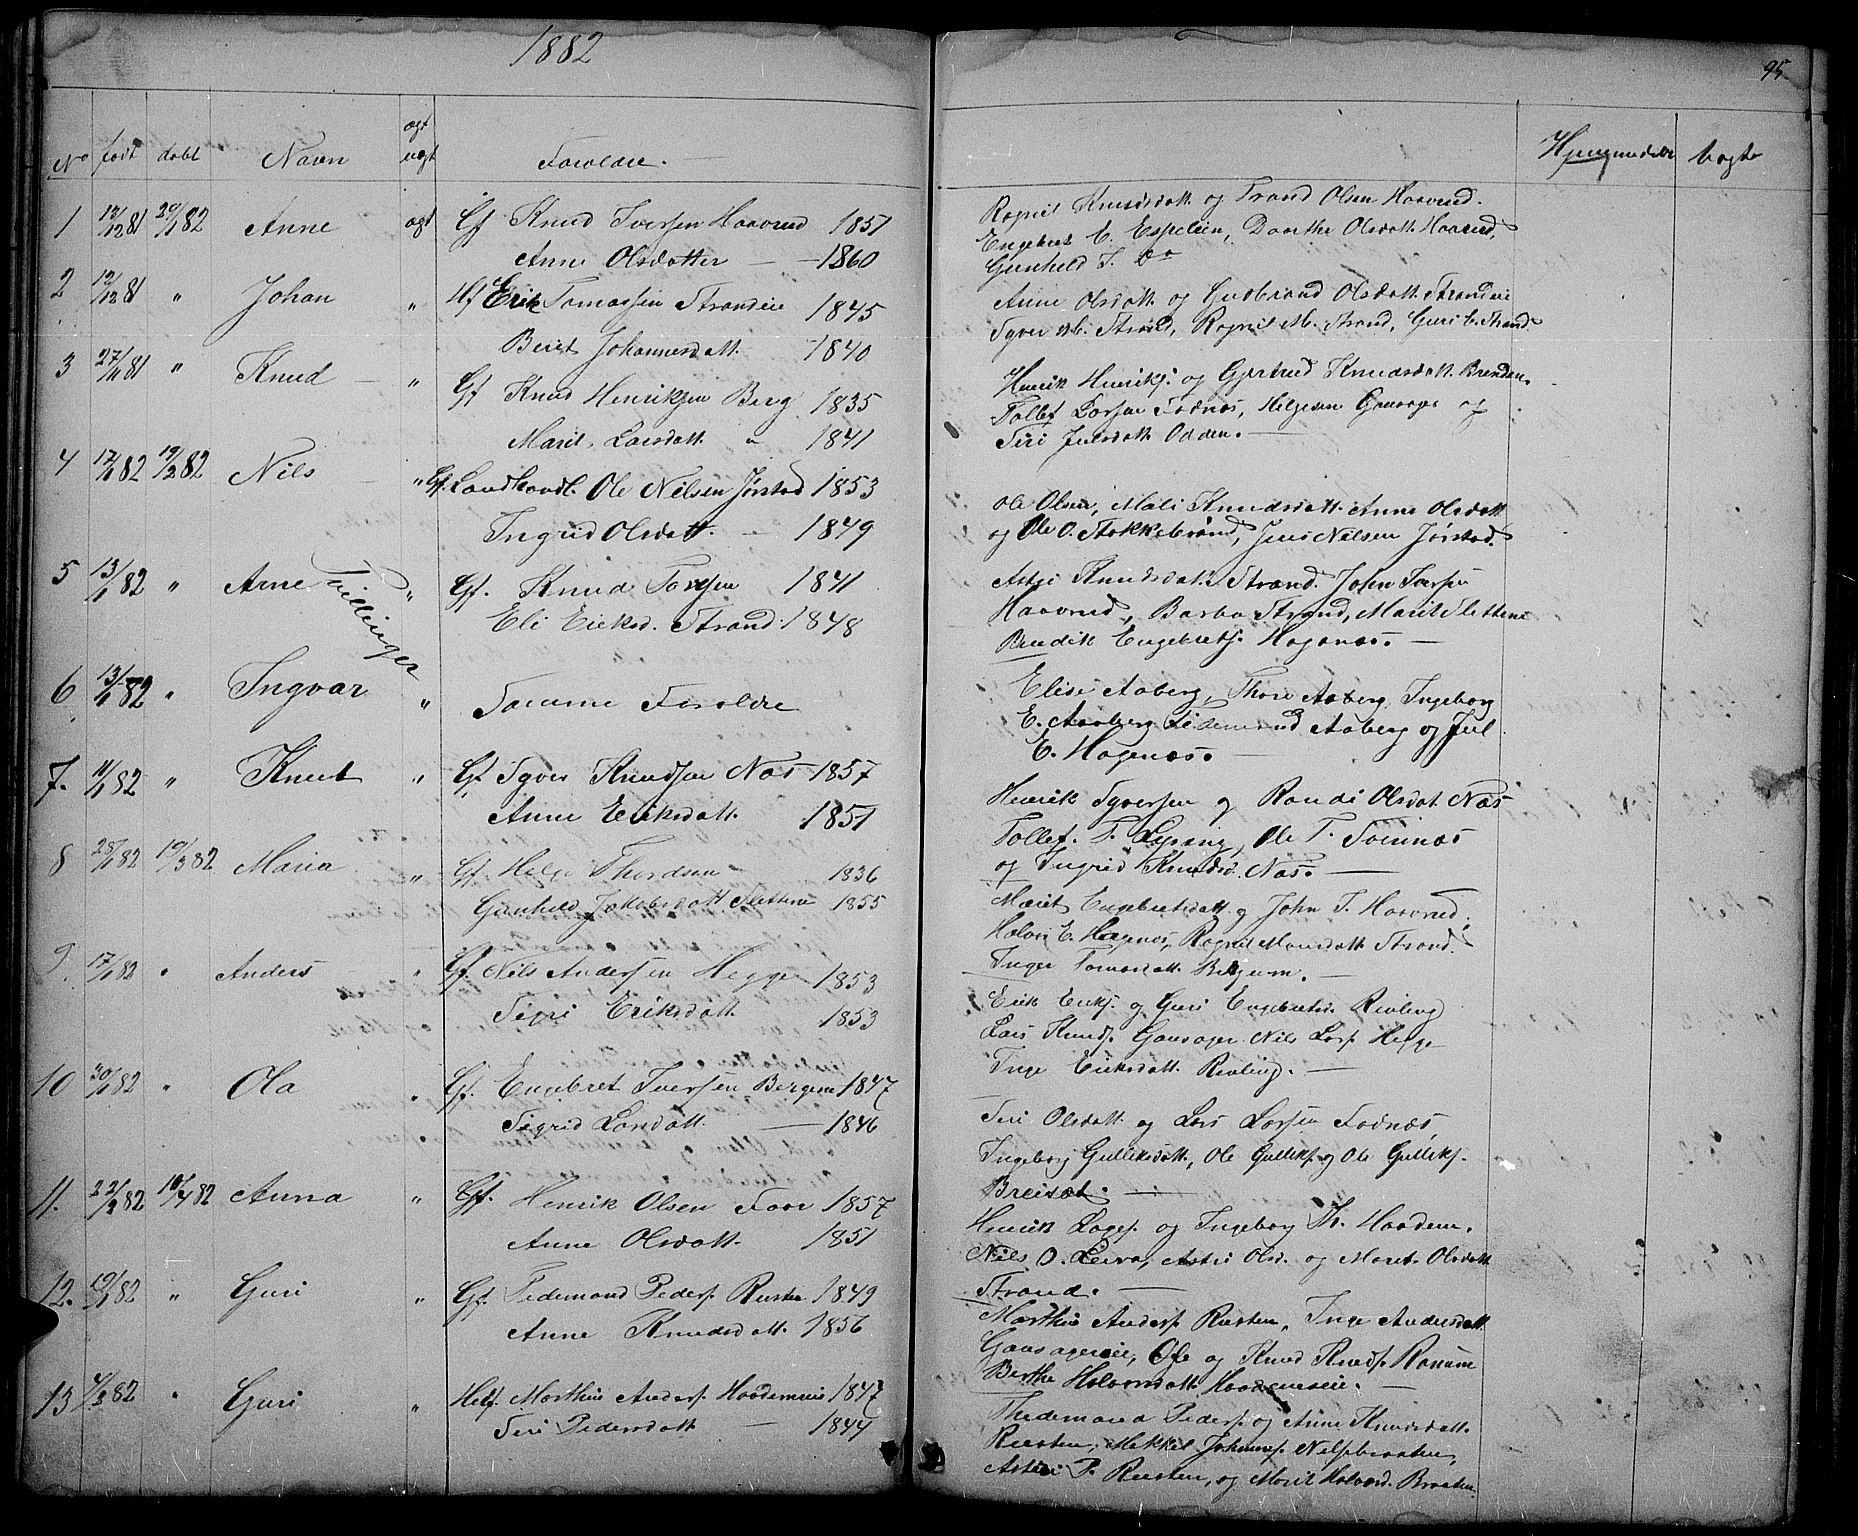 SAH, Nord-Aurdal prestekontor, Klokkerbok nr. 3, 1842-1882, s. 95